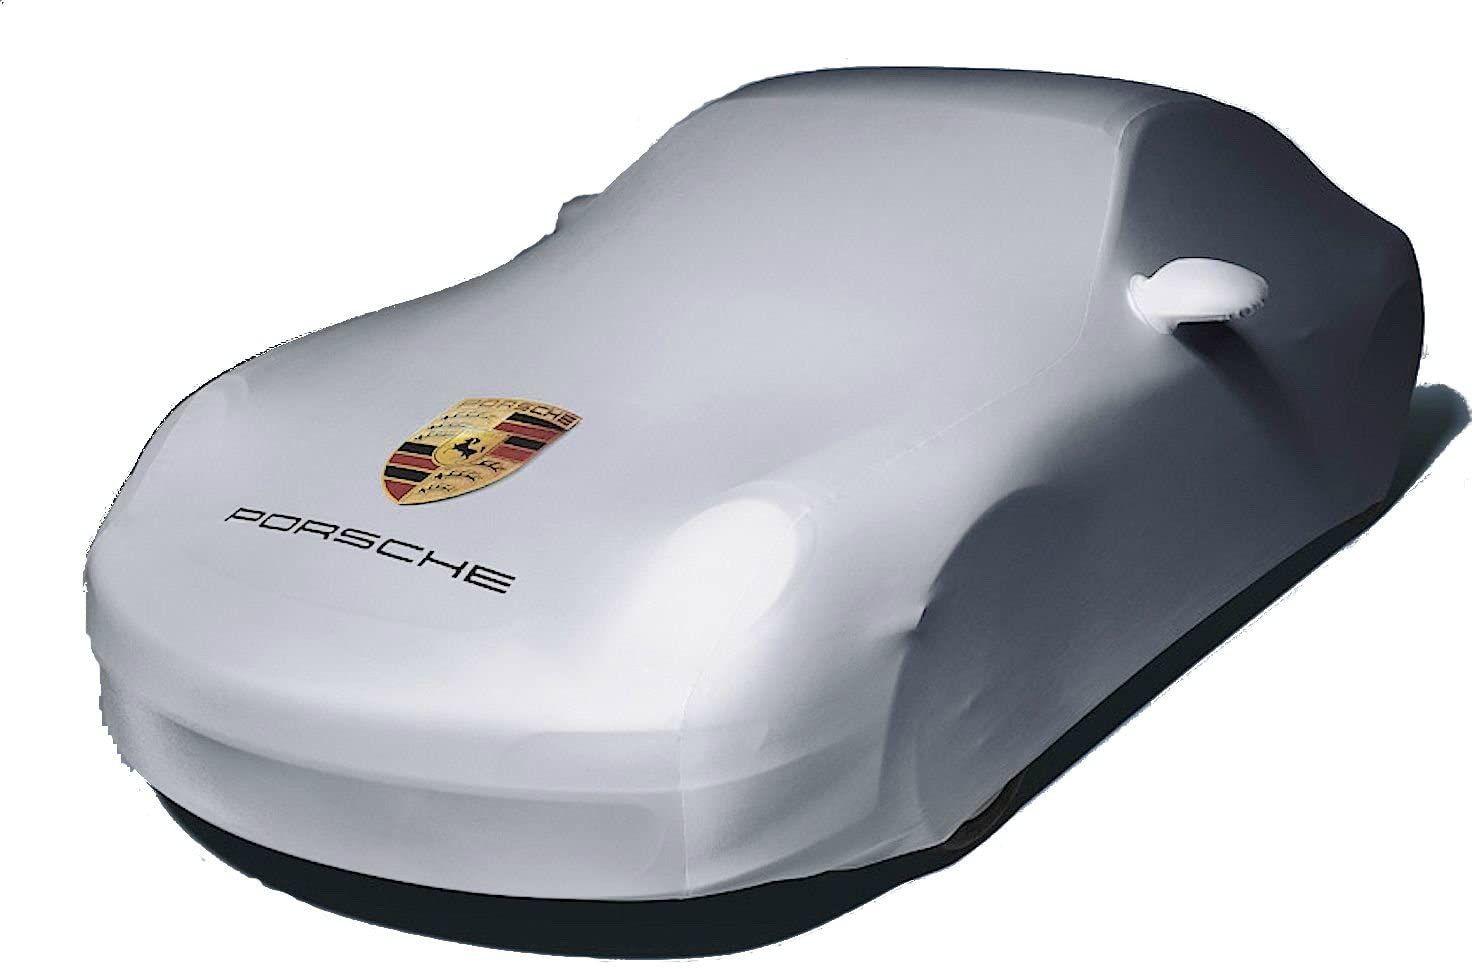 Porsche 911 Outdoor Oem Car Cover 2012 - 2019 #carexterior